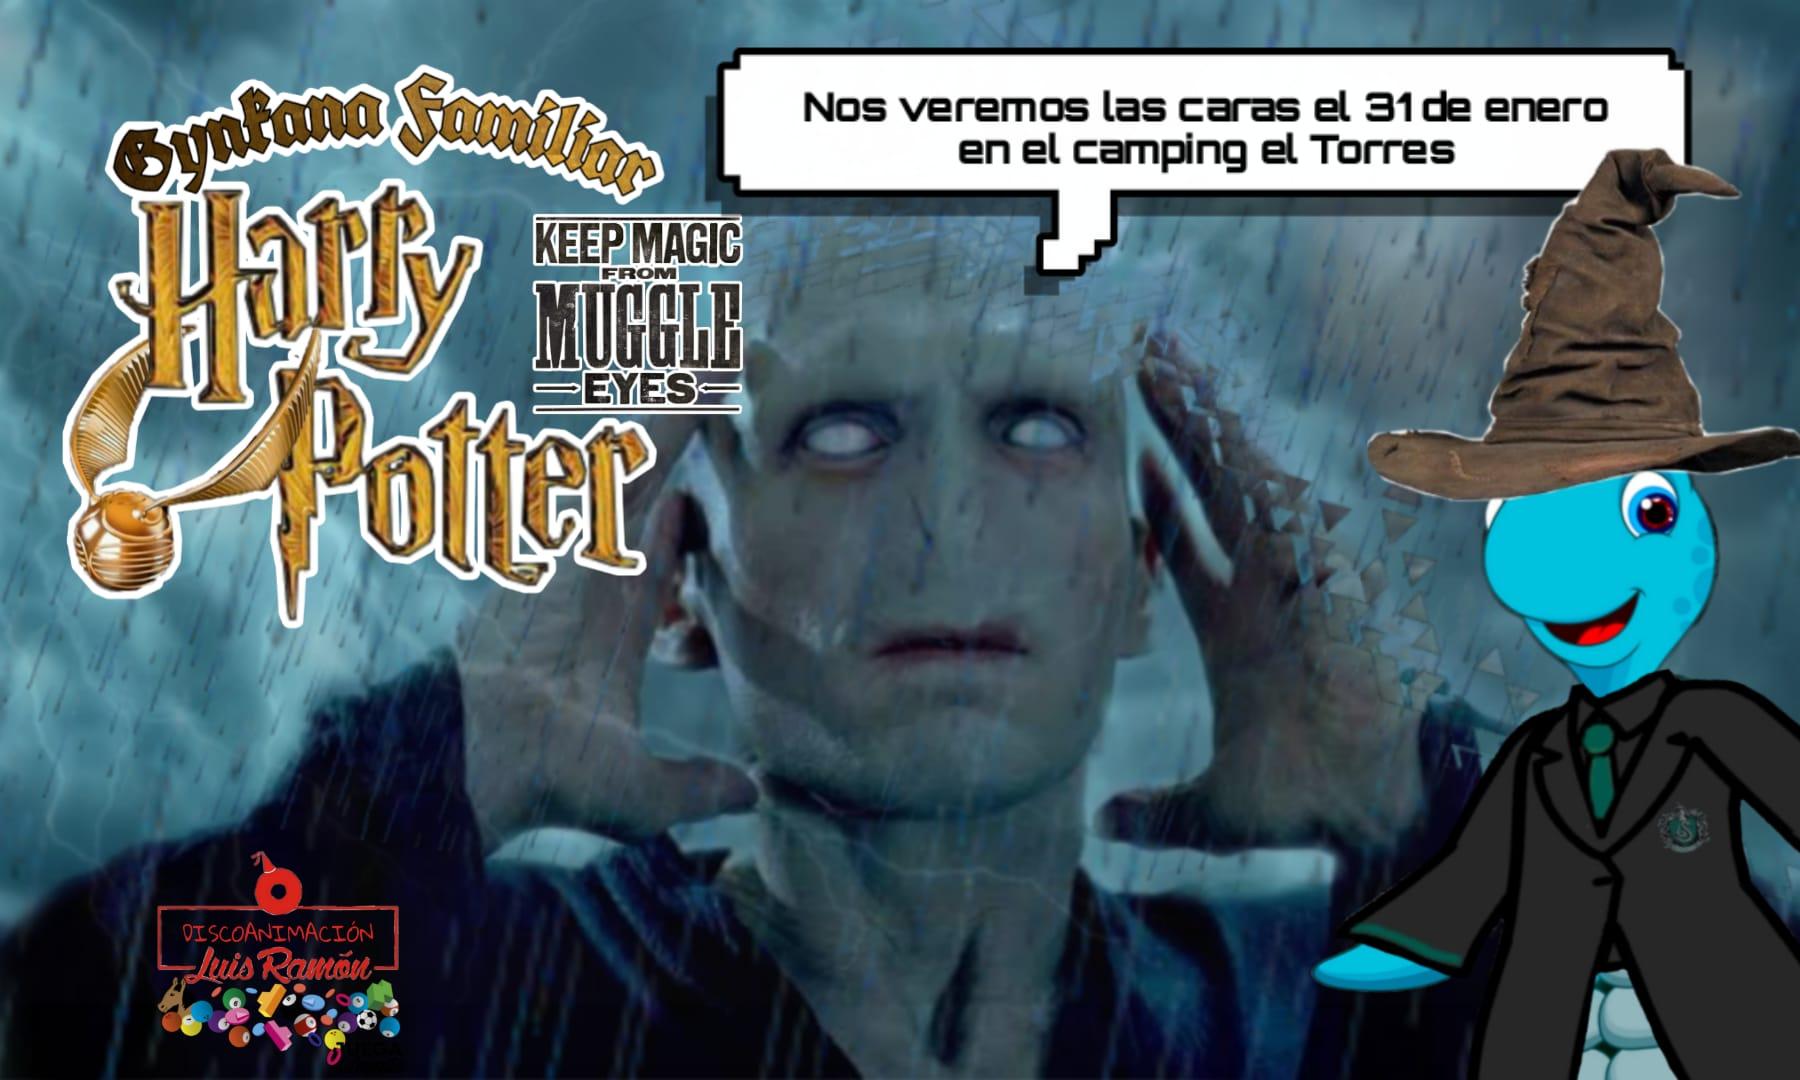 harry-potter-gyncana-camping-el-torres-1